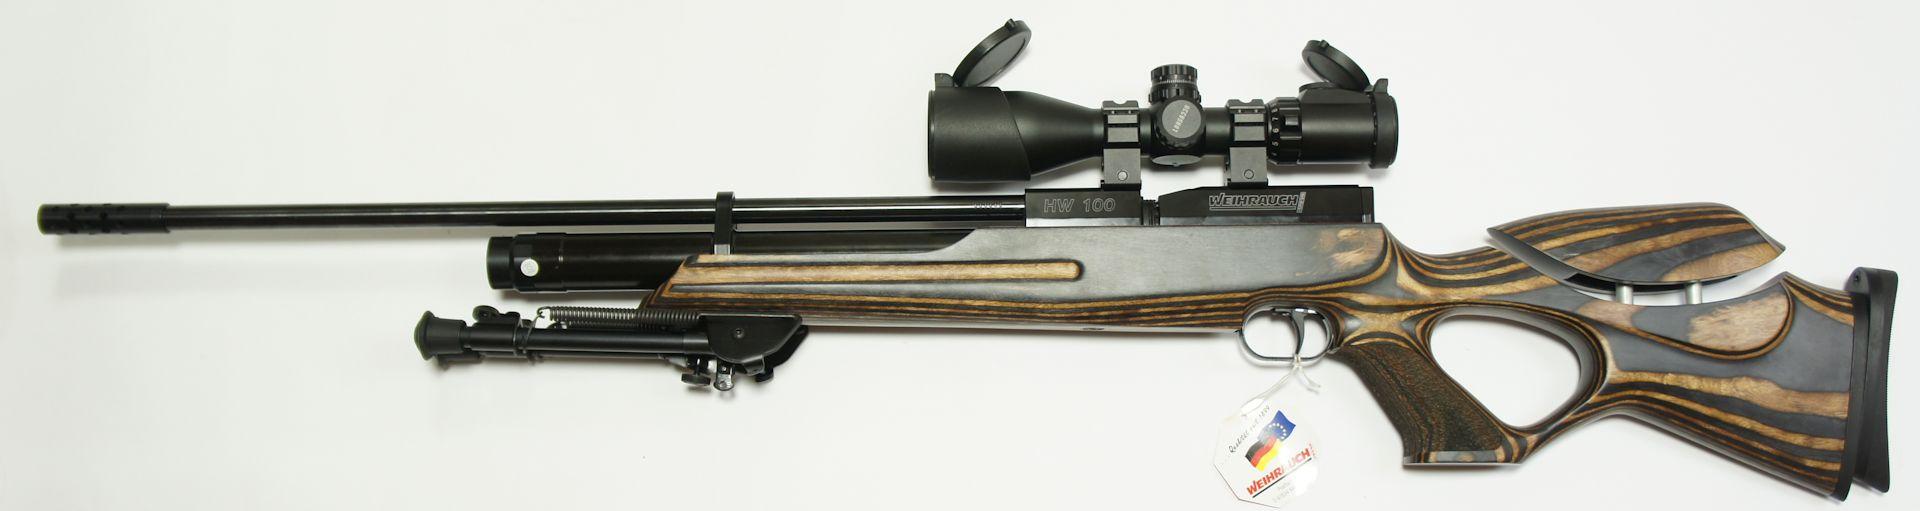 Weihrauch HW100 T sd Pressluftgewehr mit verstellbarem Schichtholzschaft, Zweibein und ZF